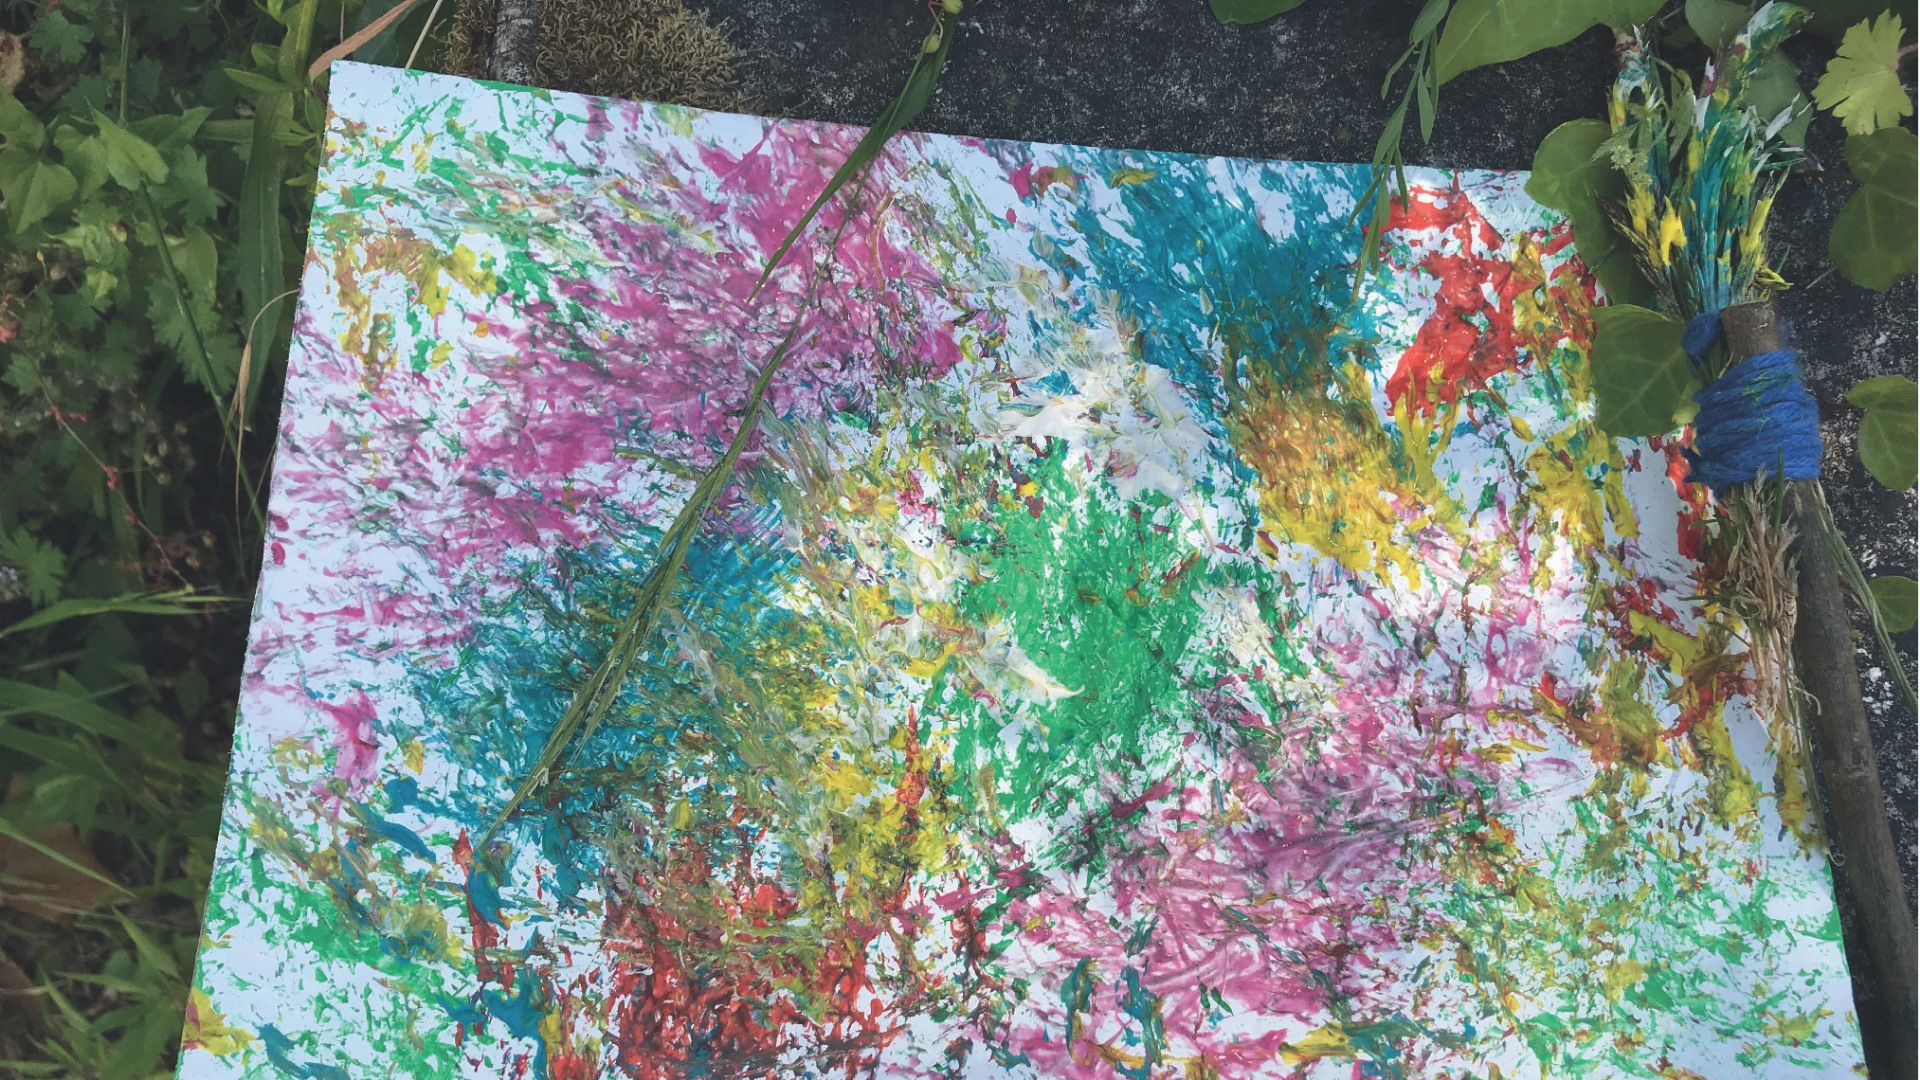 Pintar com a Natureza - Oficina de Artes Visuais para família (Esgotado) :: Bairro em Festa 2021